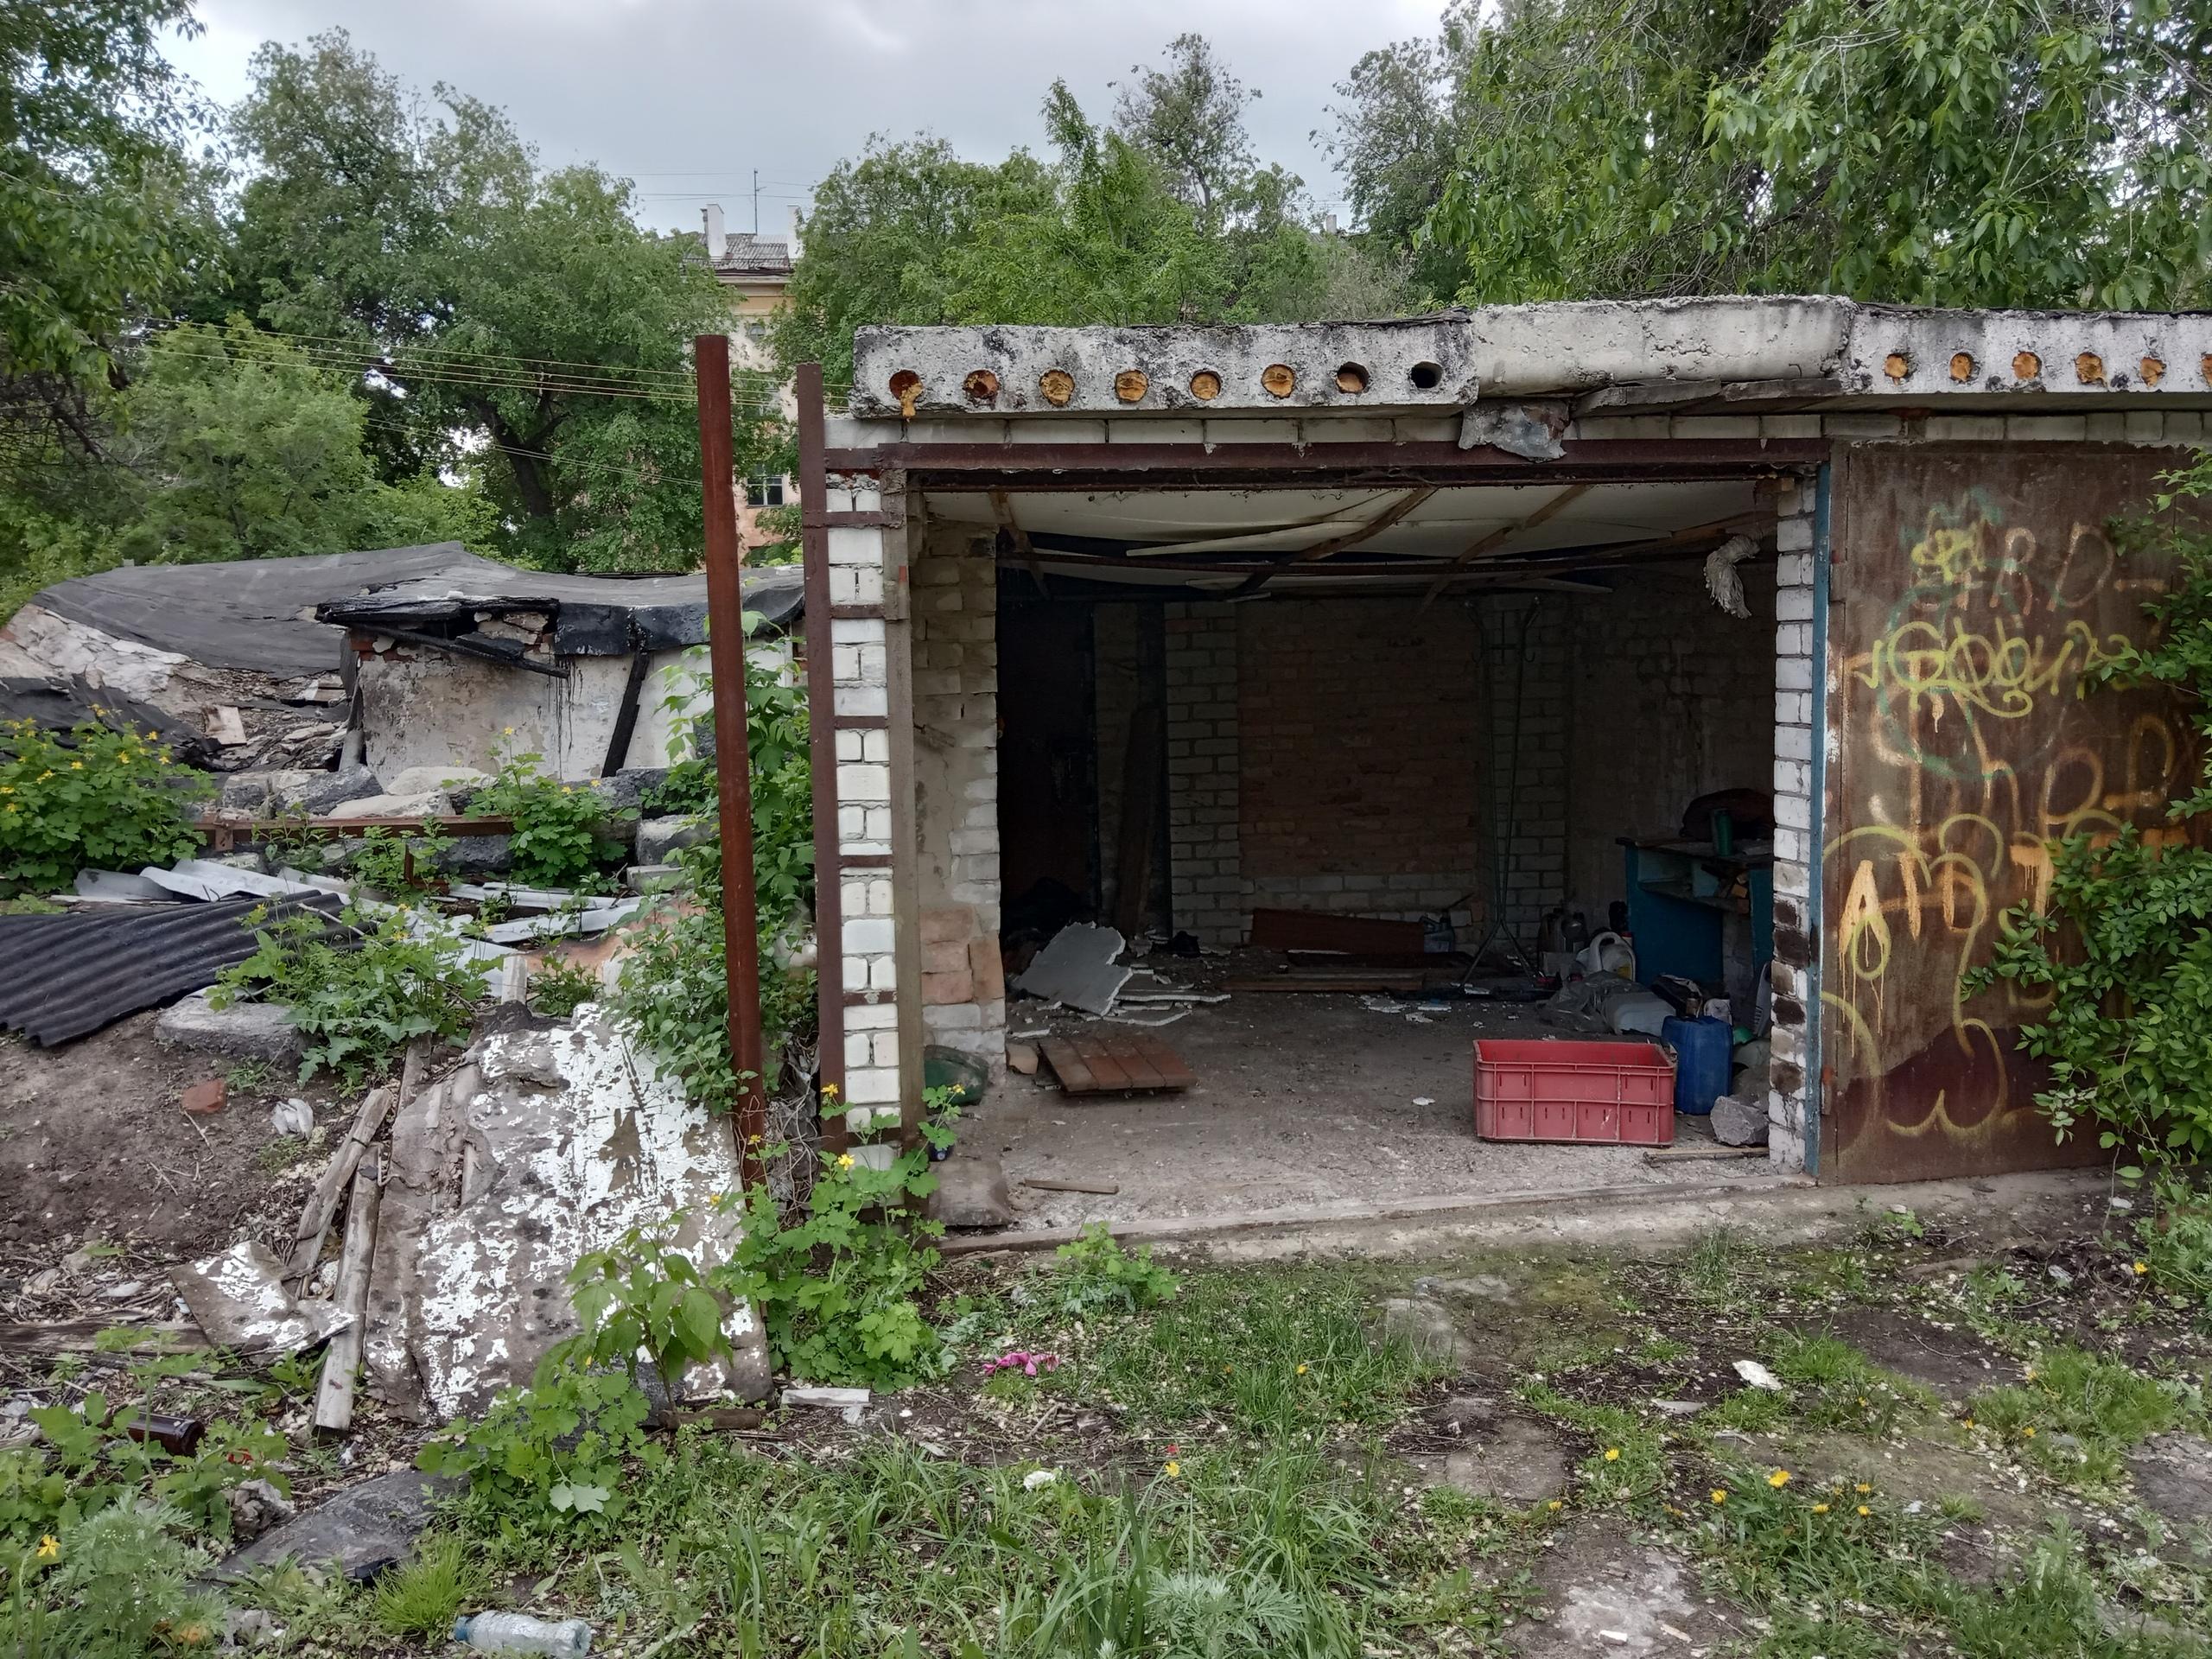 Воронеж, эстетика расселённых ветхих домов и несколько находок в таких местах